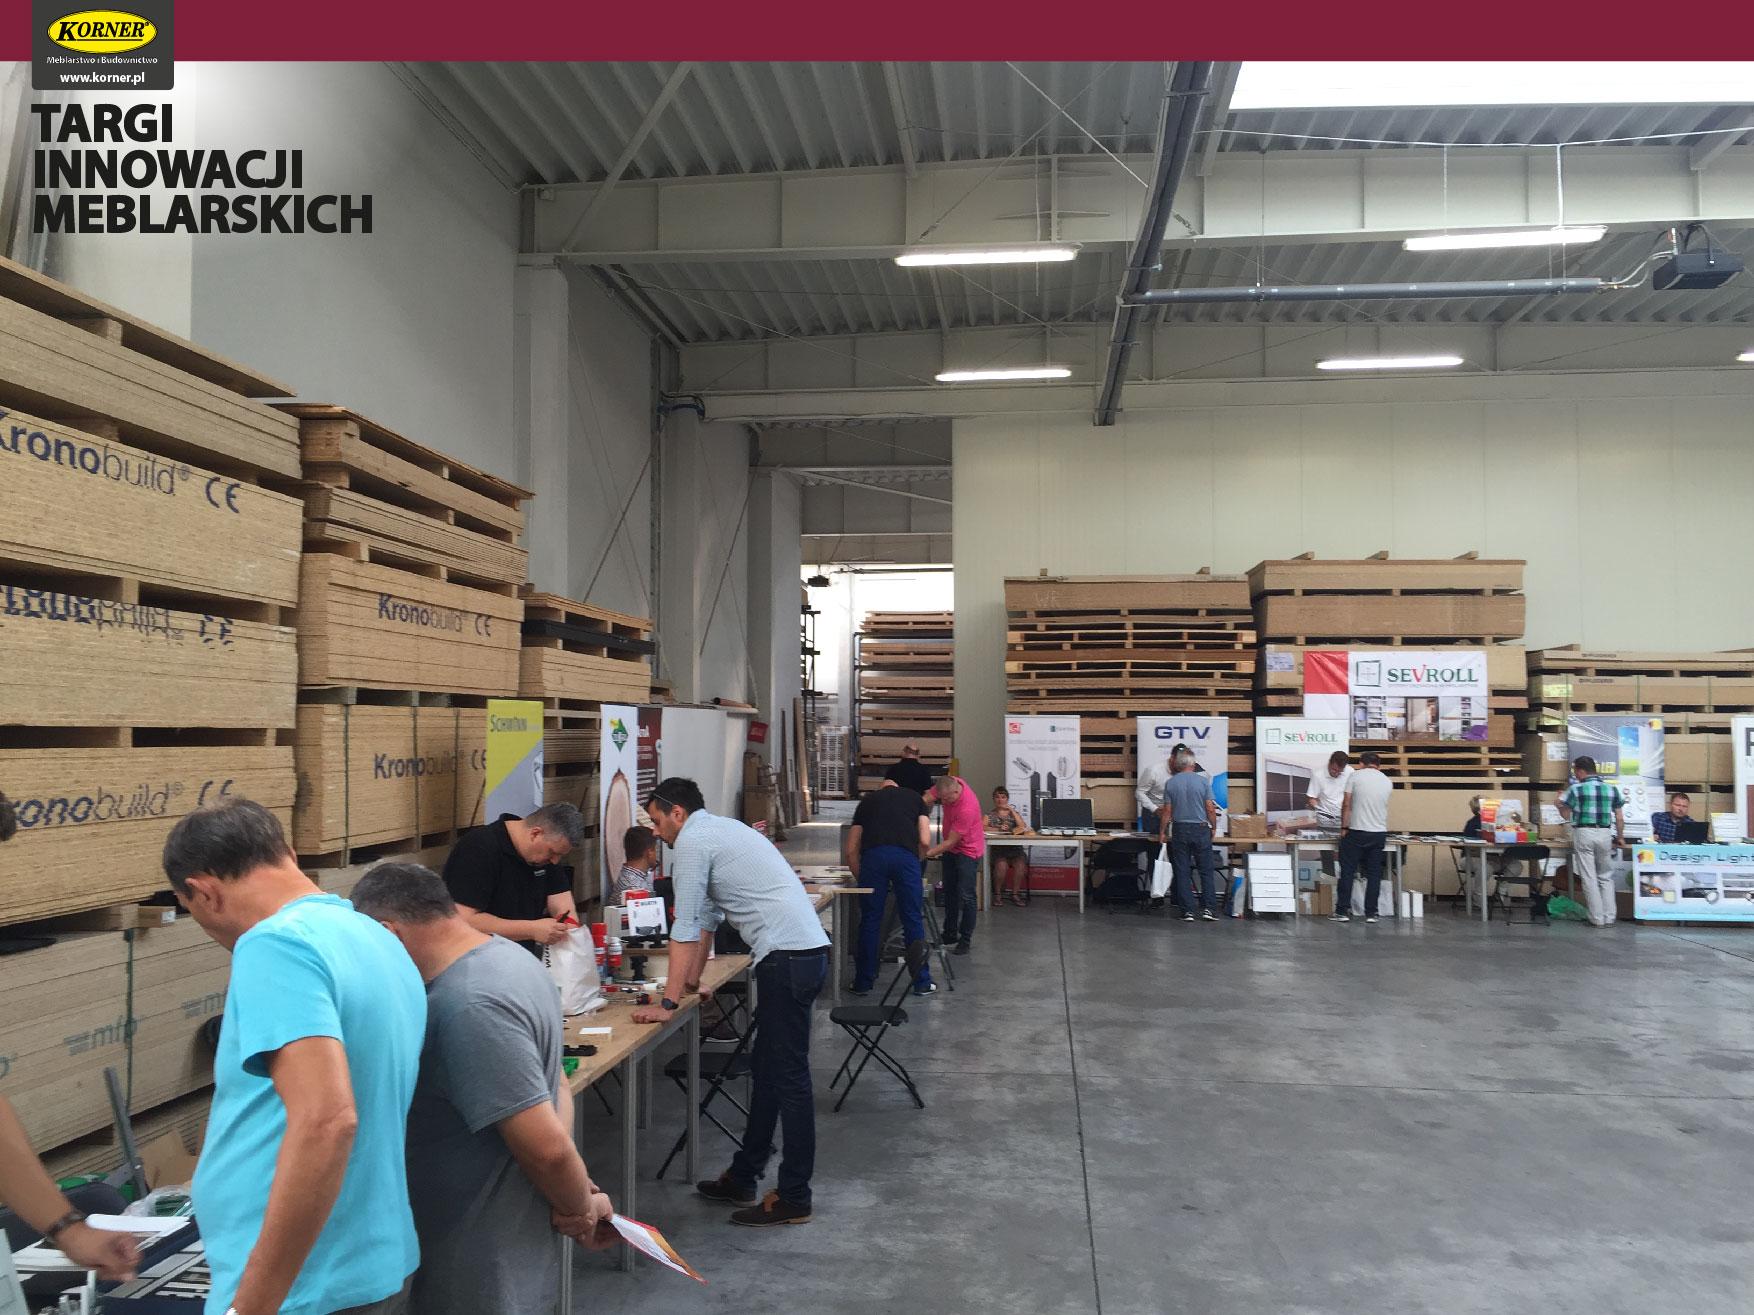 zdjęcie-targi-innowacji-meblarskich-wrocław-2016-04